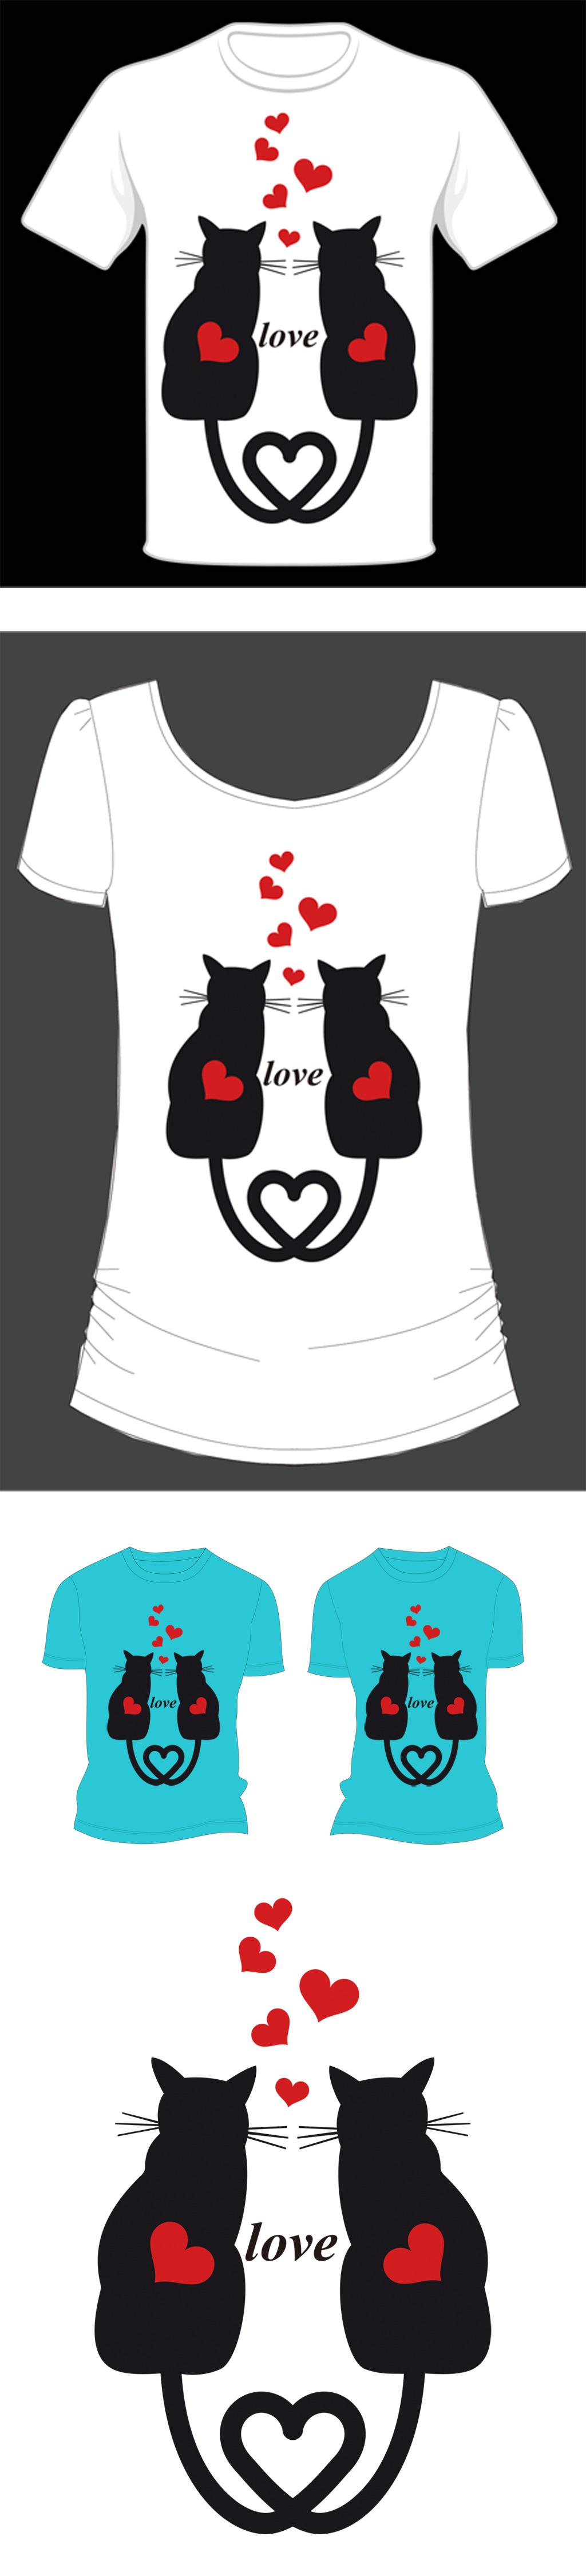 设计图案 个性 创意 抽象 现代 时尚 简约 情侣猫 情侣 爱心 爱 黑白